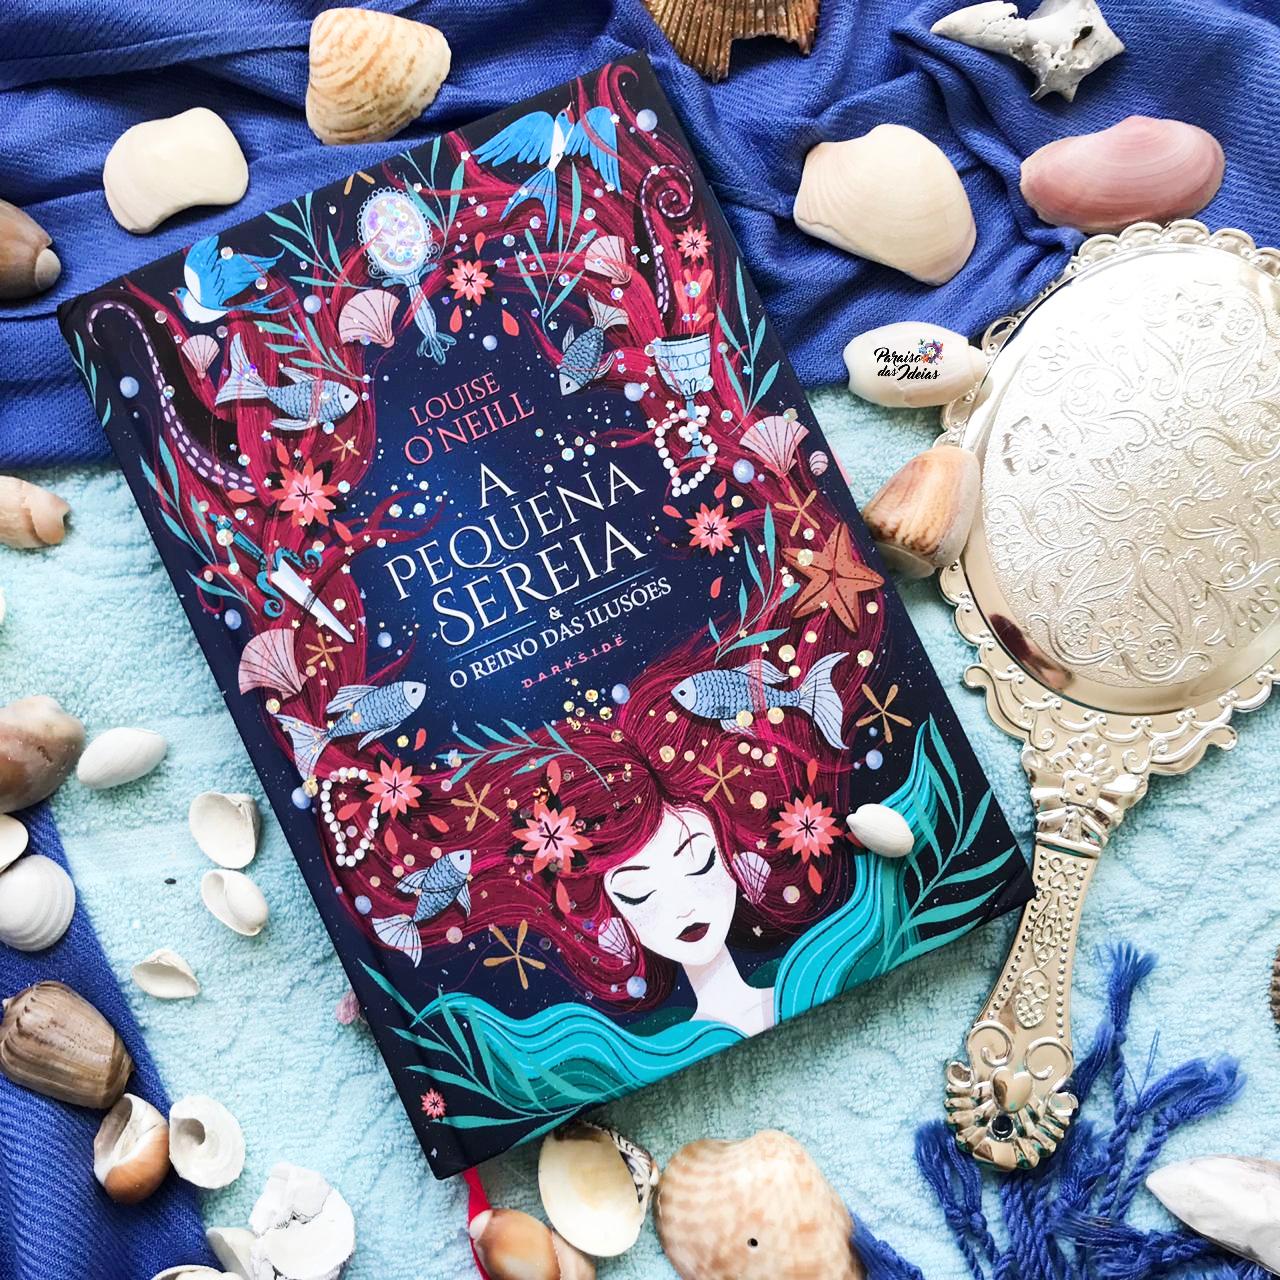 A Pequena Sereia e o Reino das Ilusões - Louise O'Neill